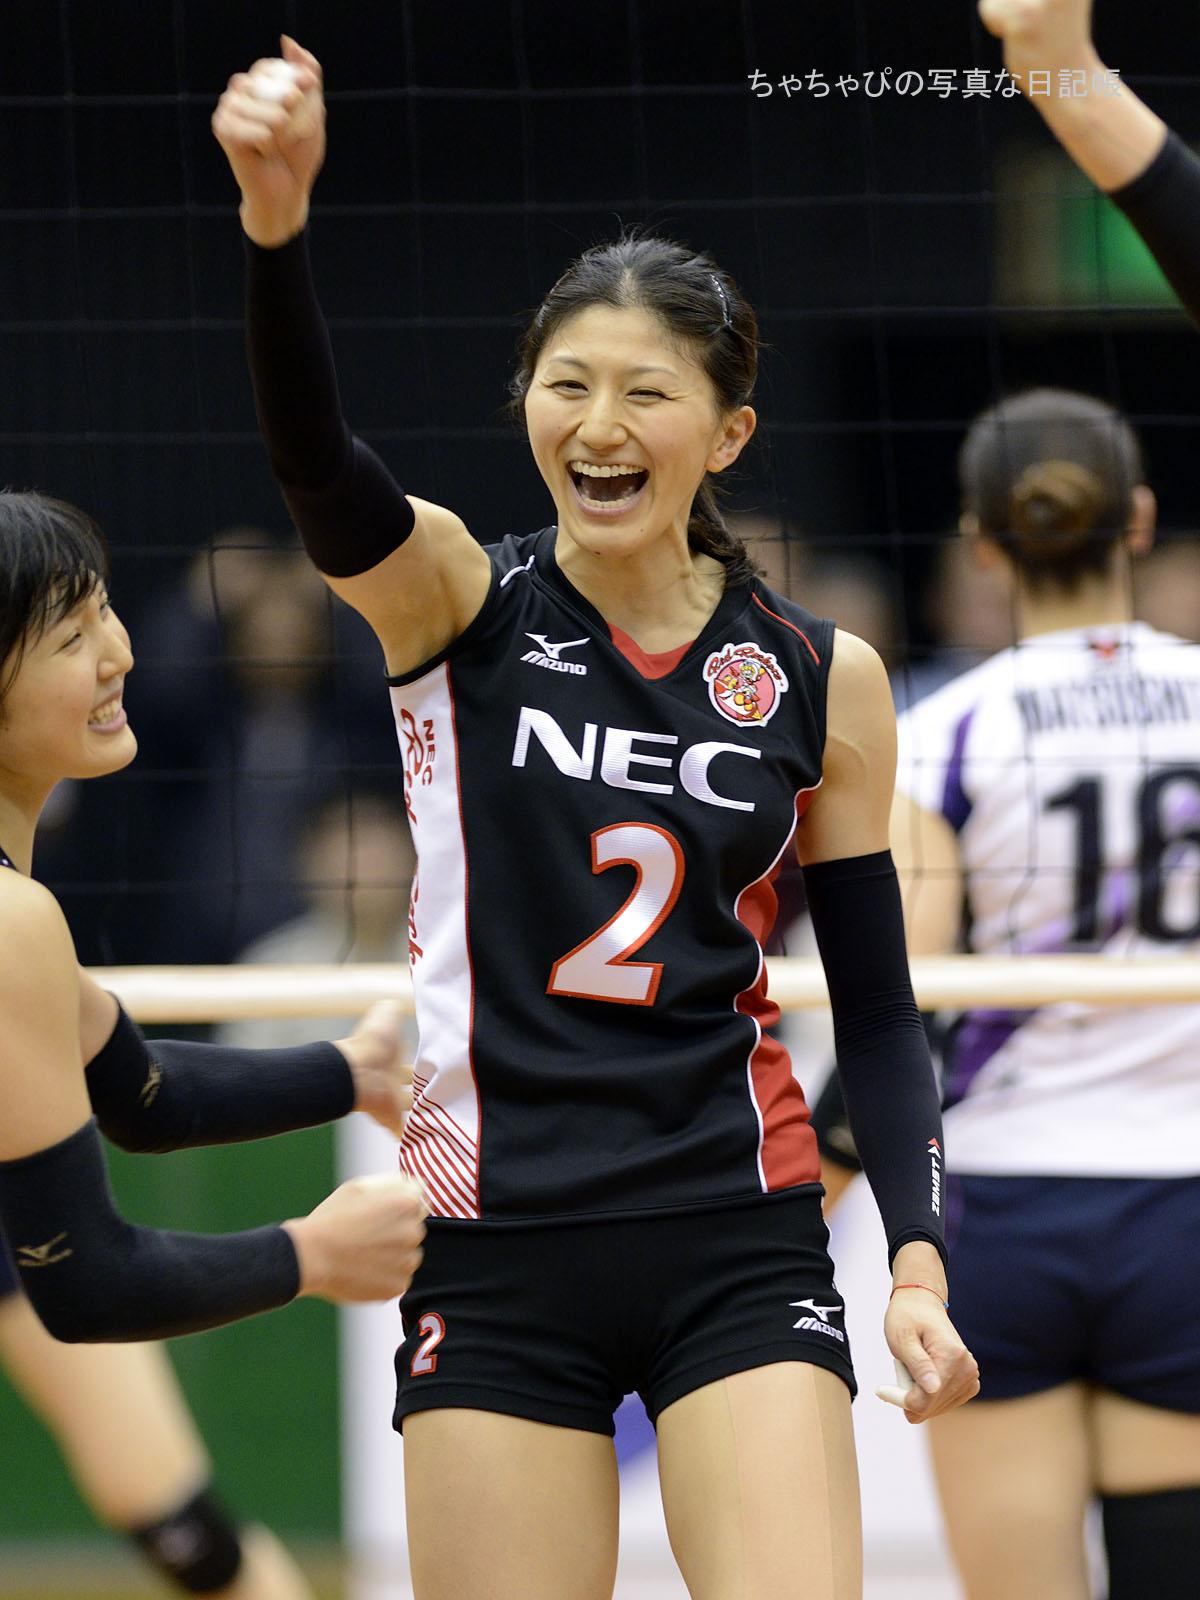 NECレッドロケッツ 杉山祥子選手